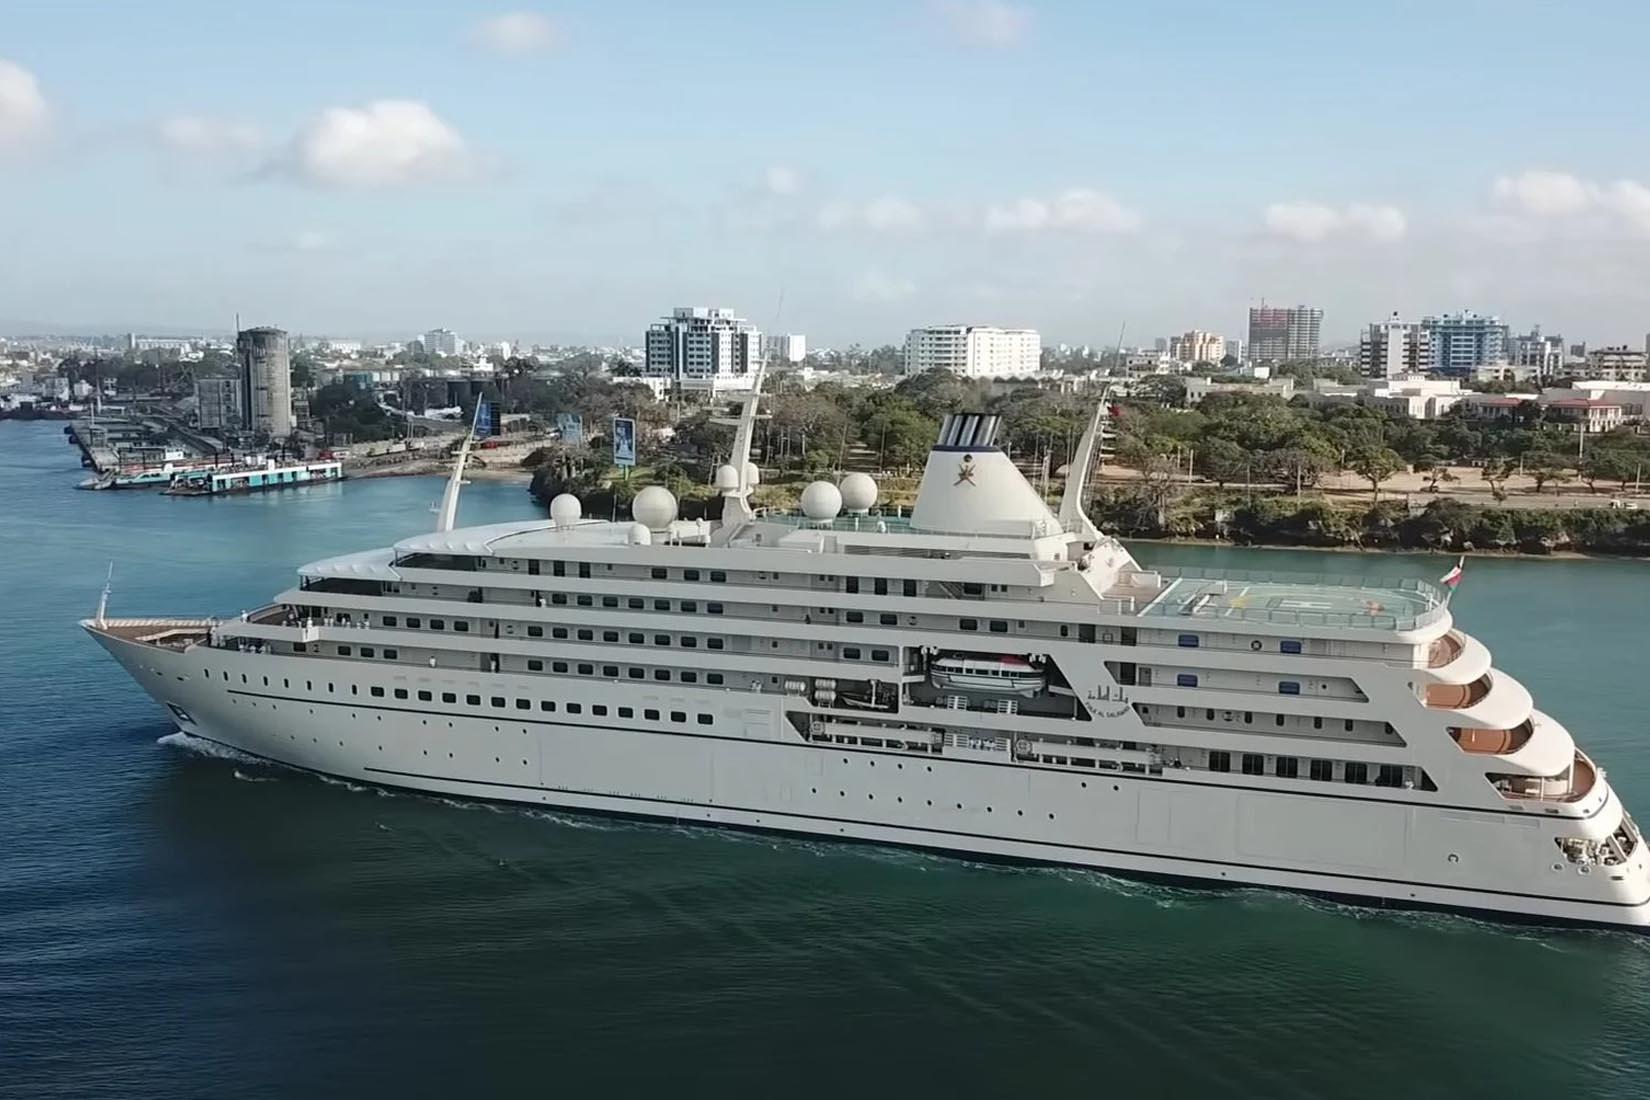 largest yacht fulk al salamah review Luxe Digital